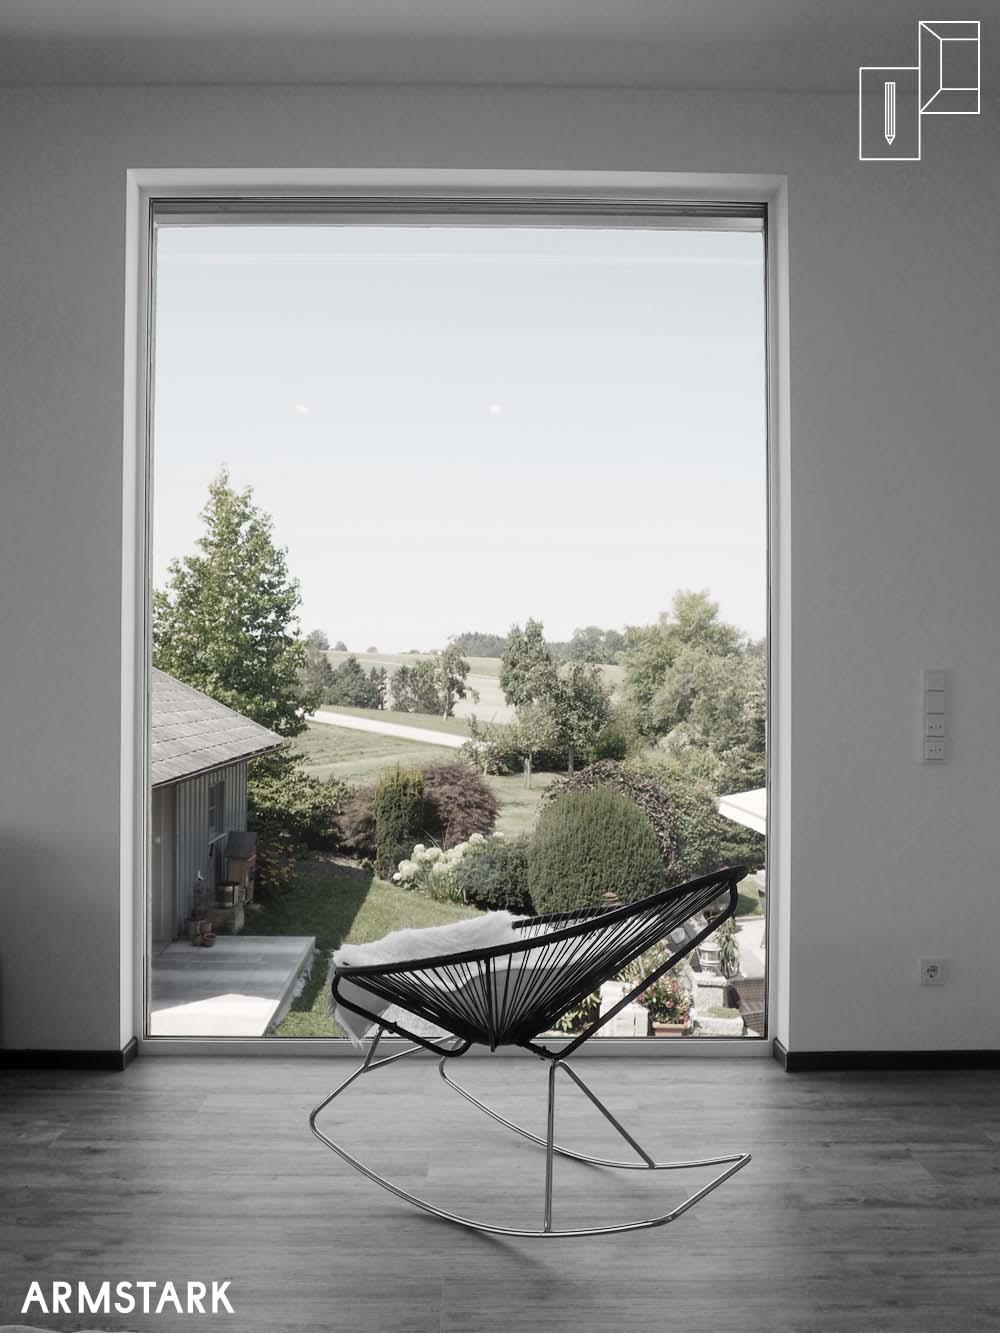 Große Fenster verbinden Innenraum mit Außenraum